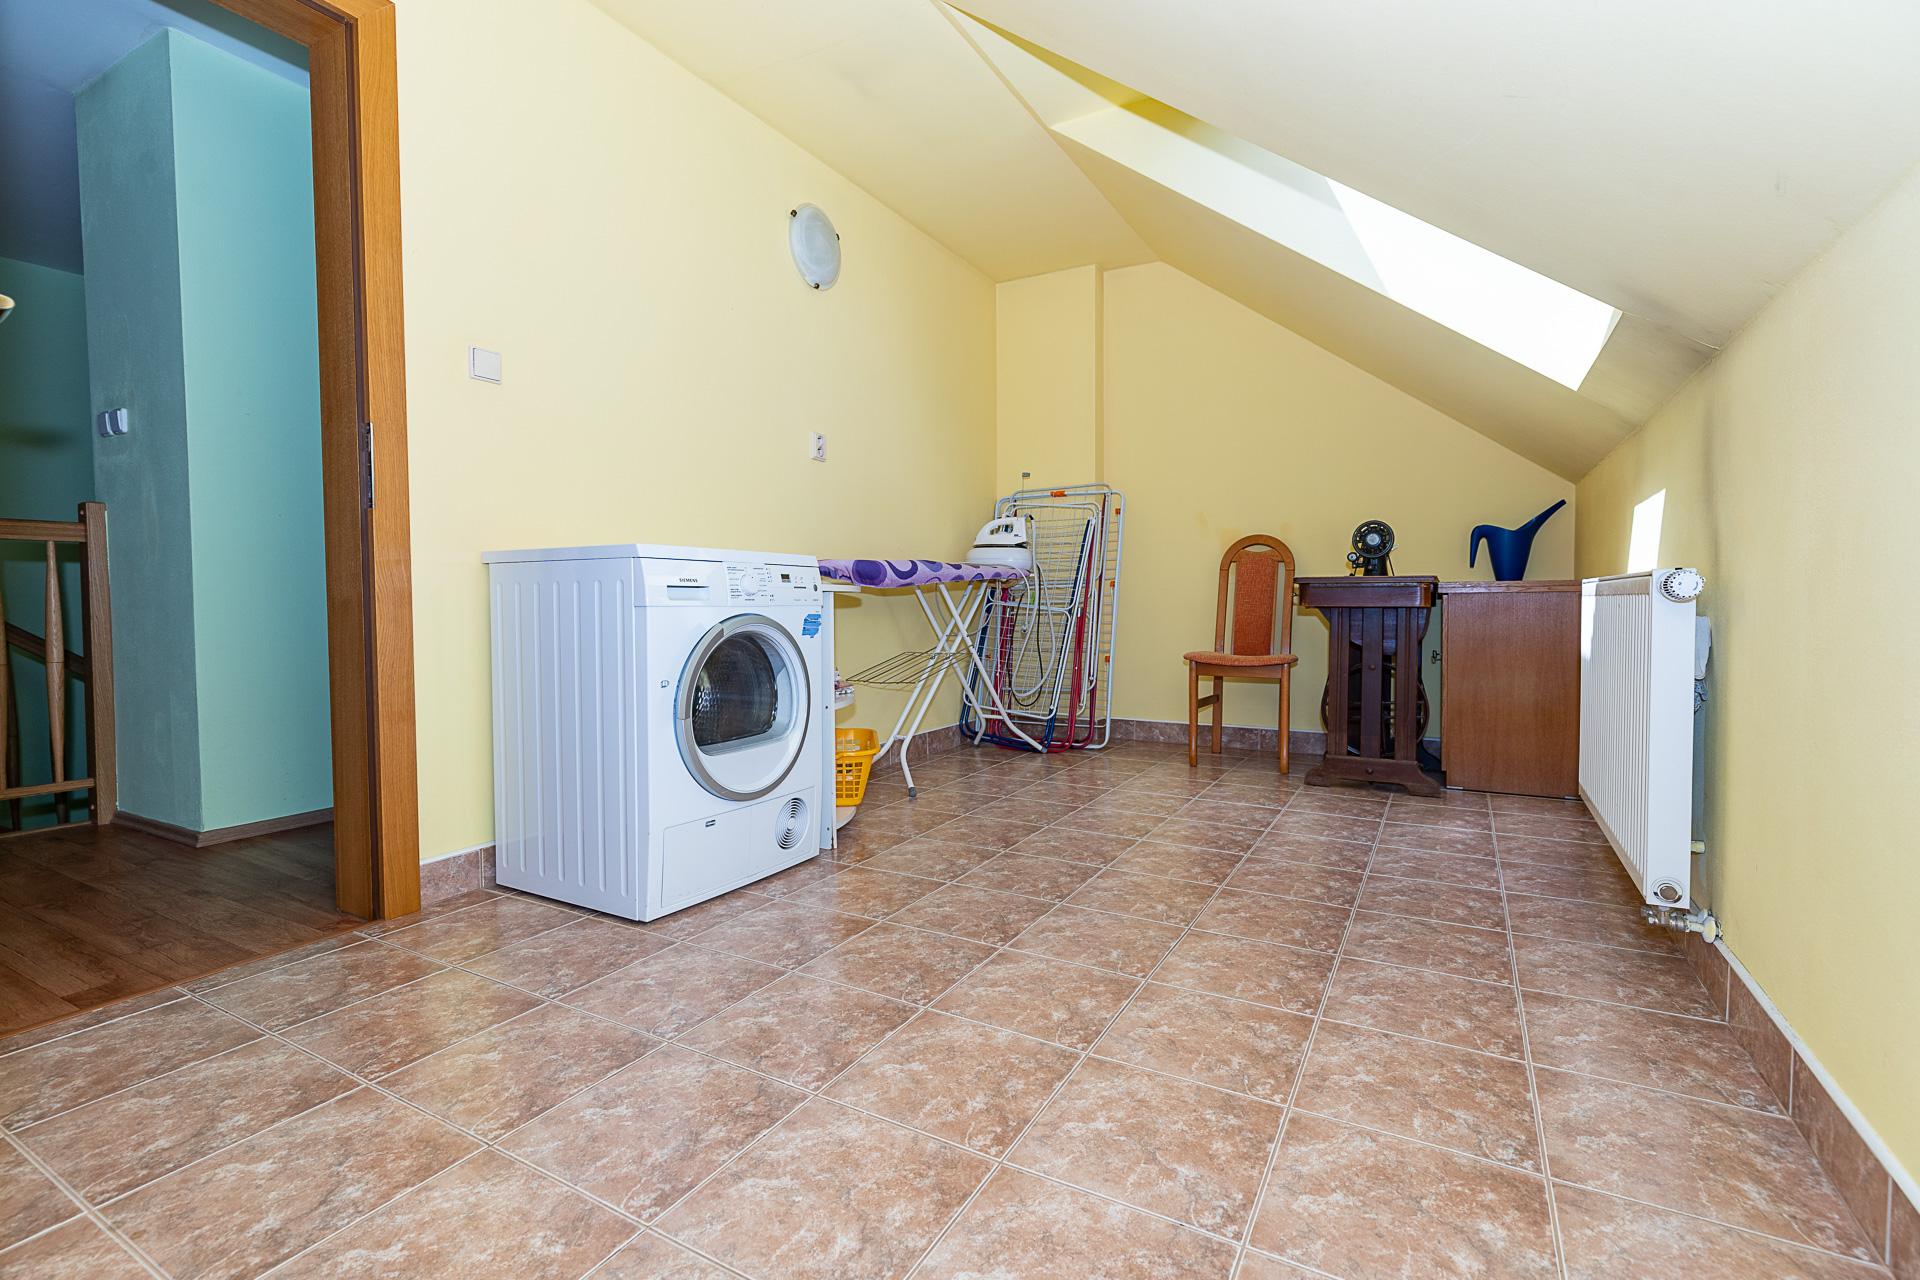 prádelna v horní části domu s pračkou, žehlícím prknem a šicím strojem